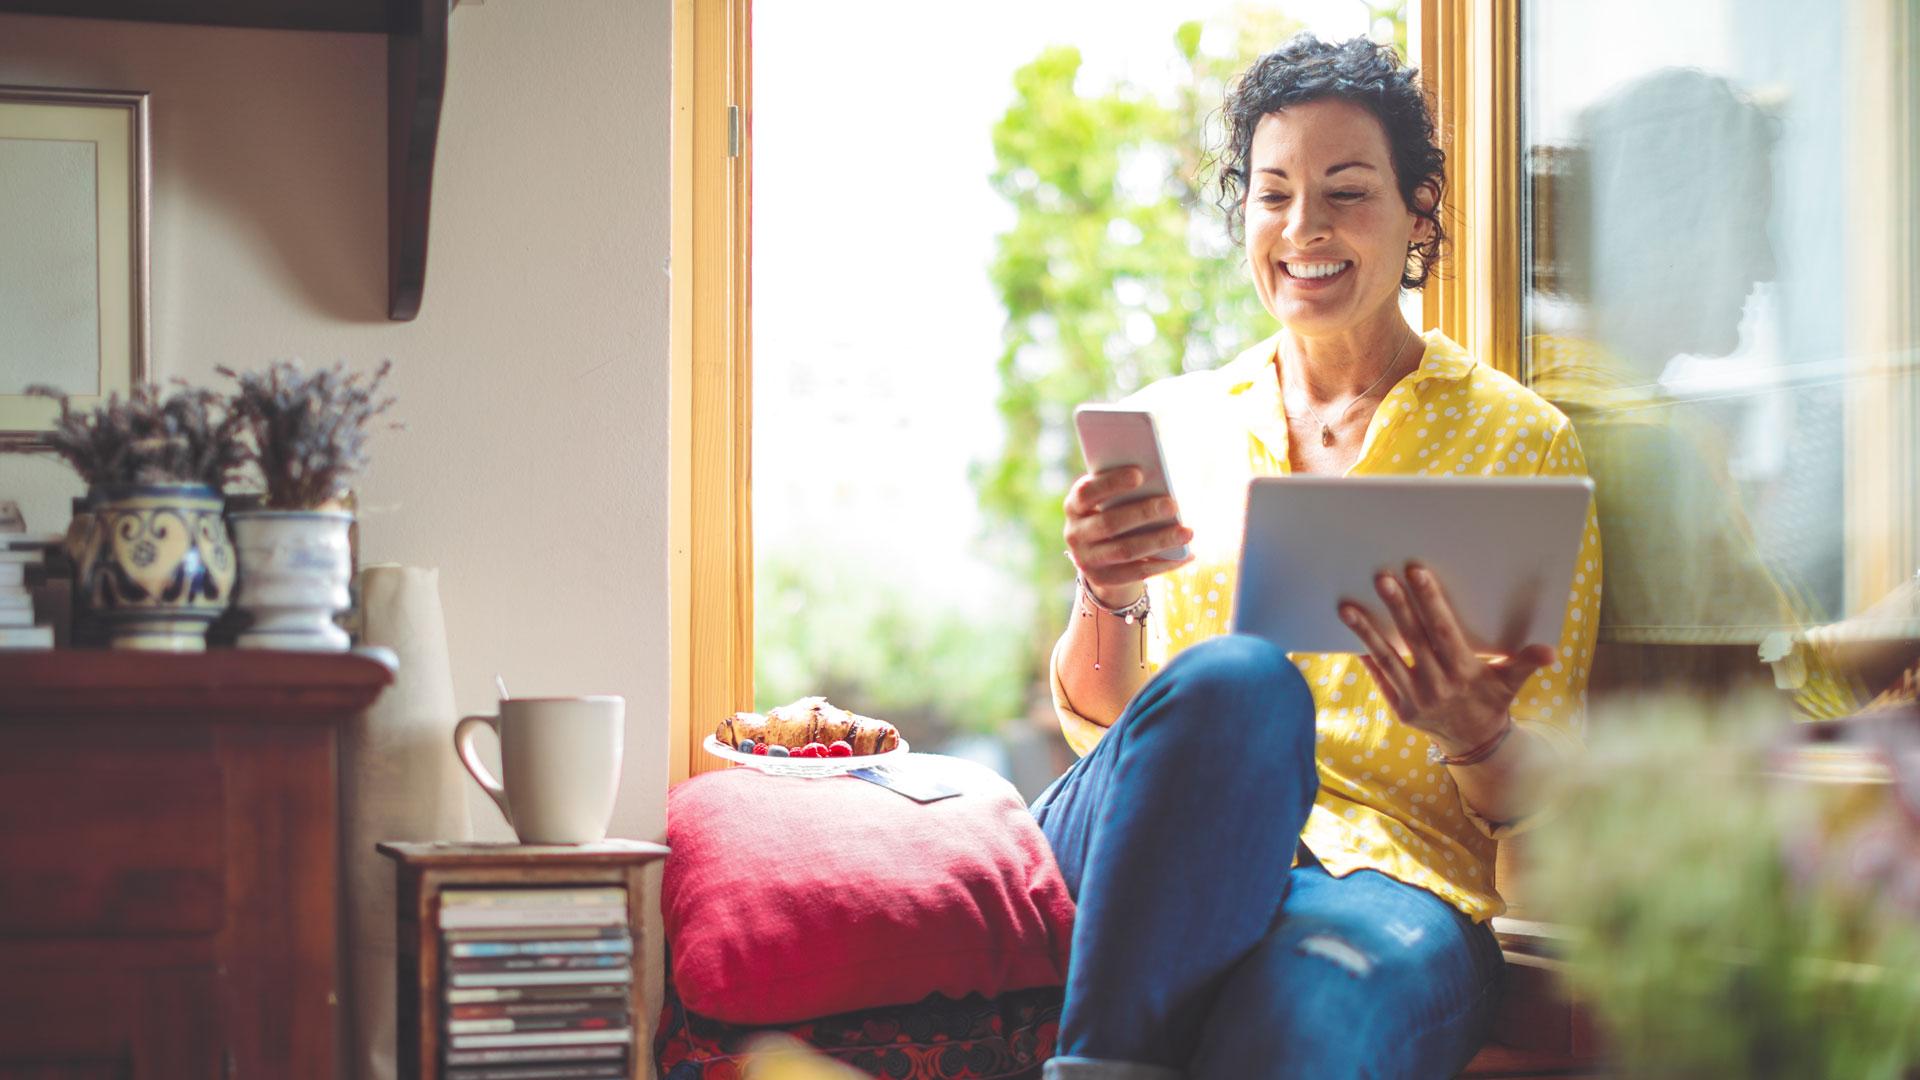 Eine Frau sitzt an einem Fenster und hält ihr Smartphone in der Hand